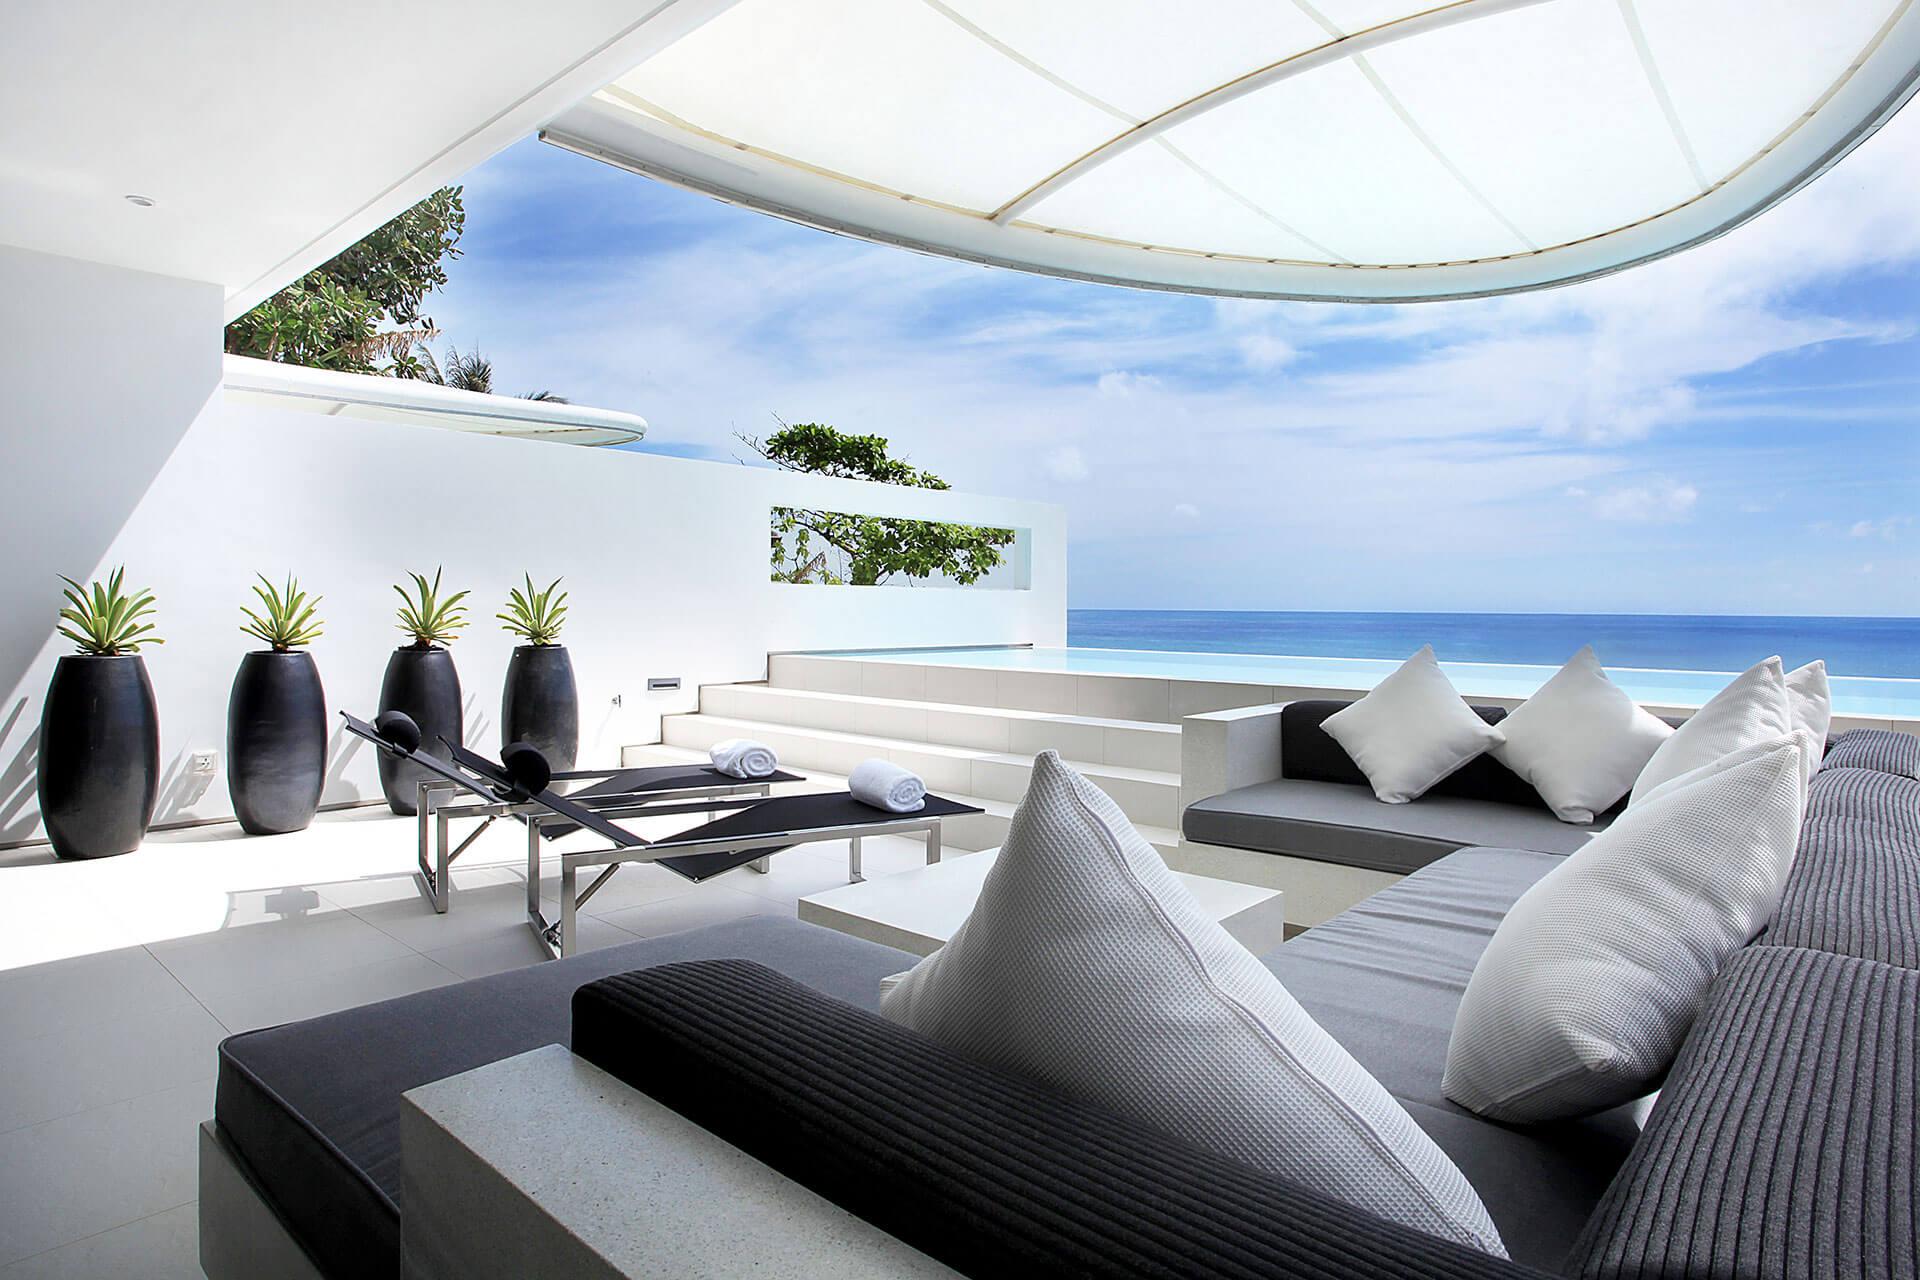 Ocean view Sky Villas, One-bedroom Sky Pool Villas